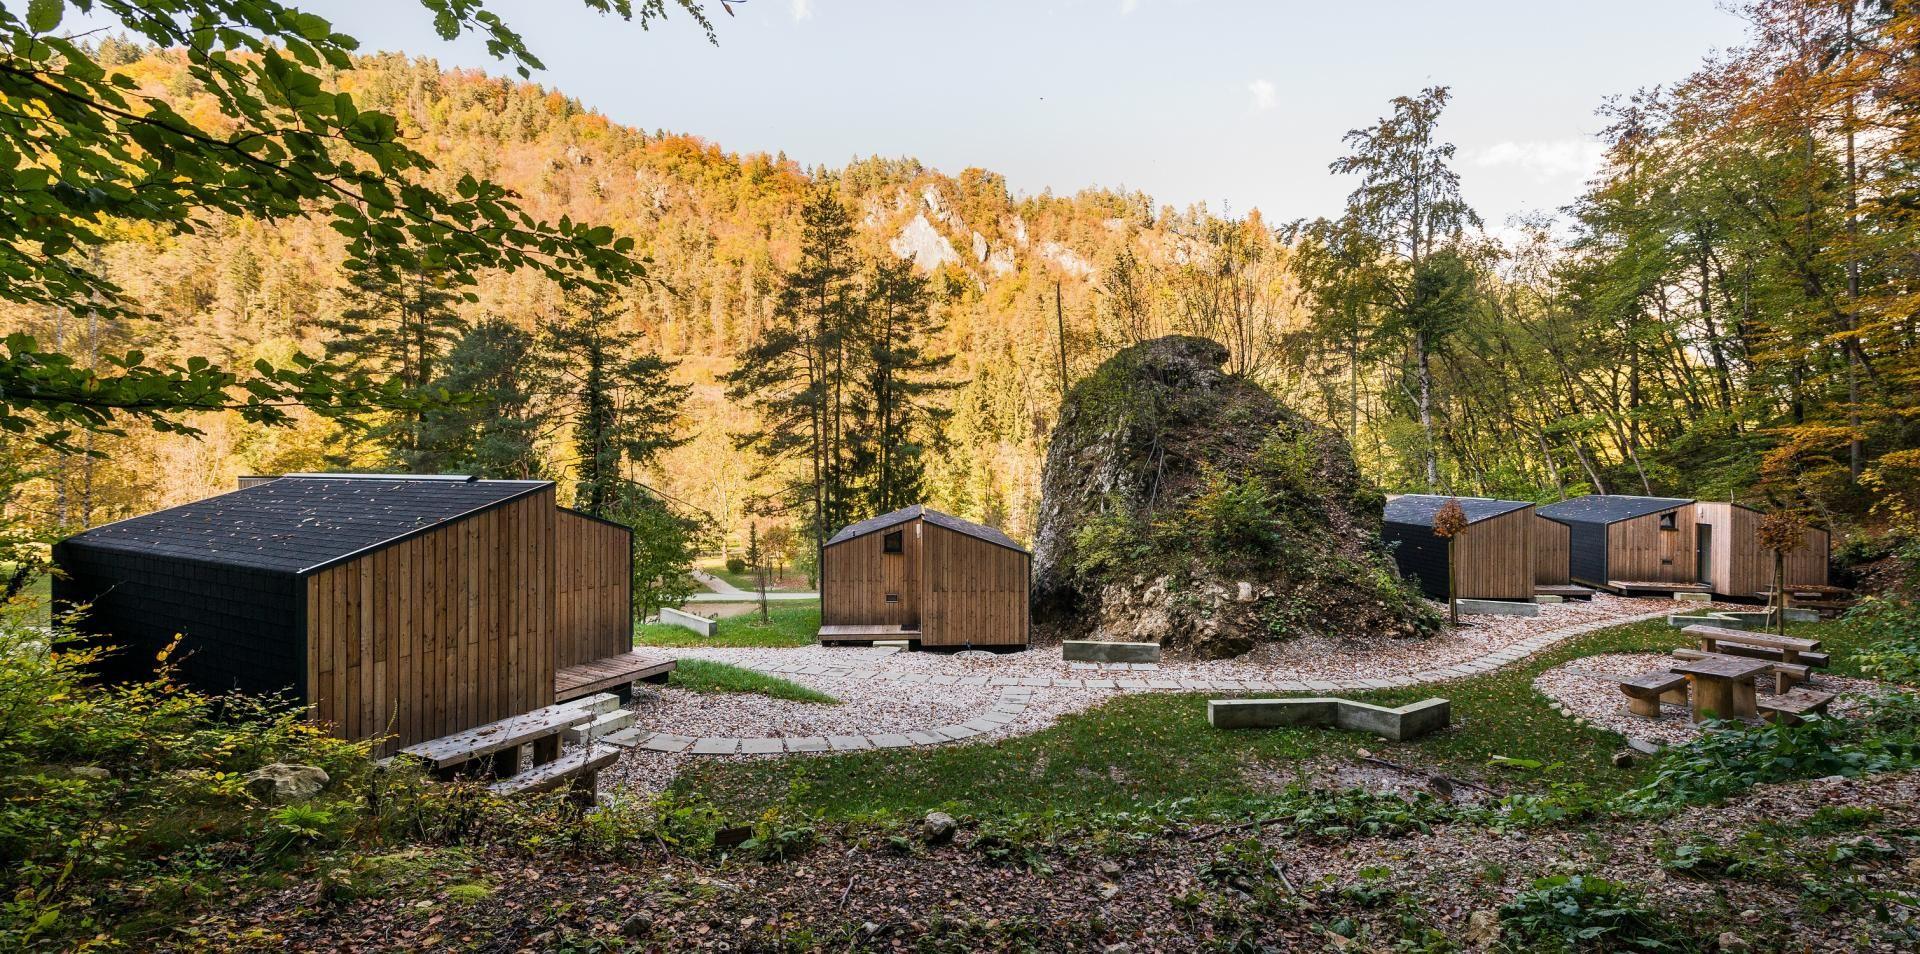 Mini Chalet En Bois une maison préfabriquée écologique en bois | cabin design